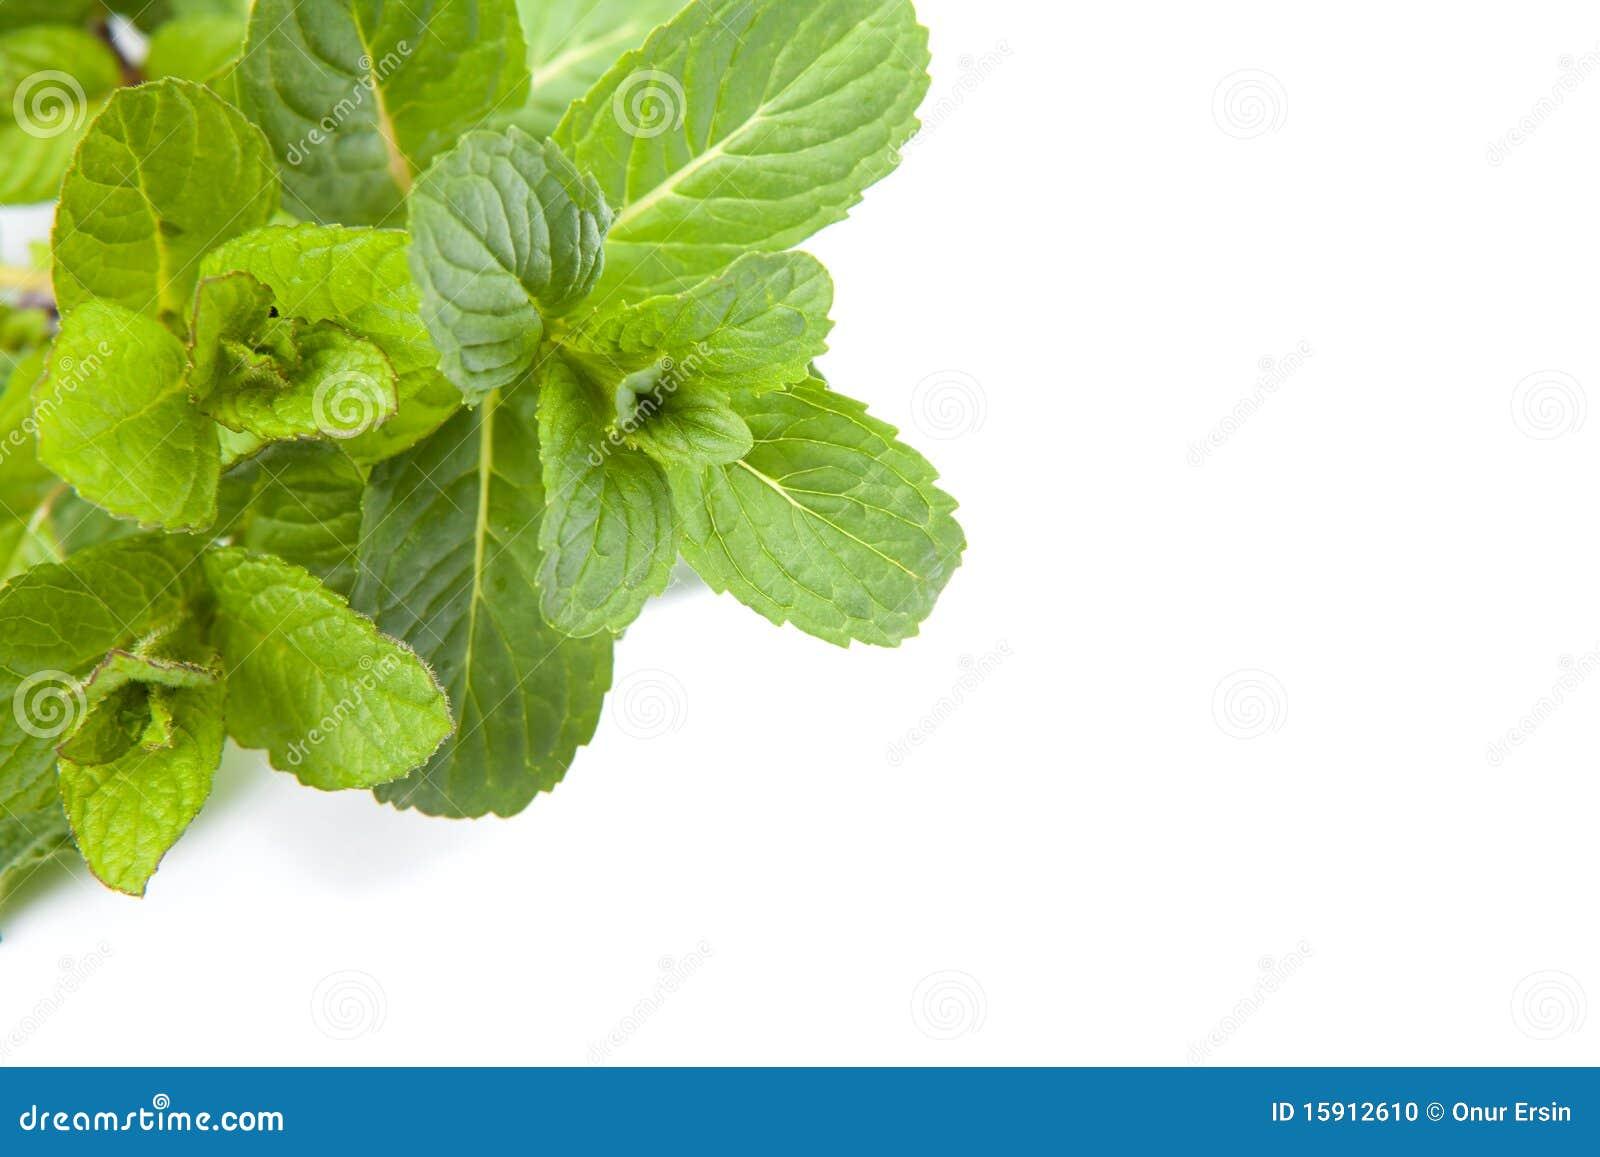 Leafmint